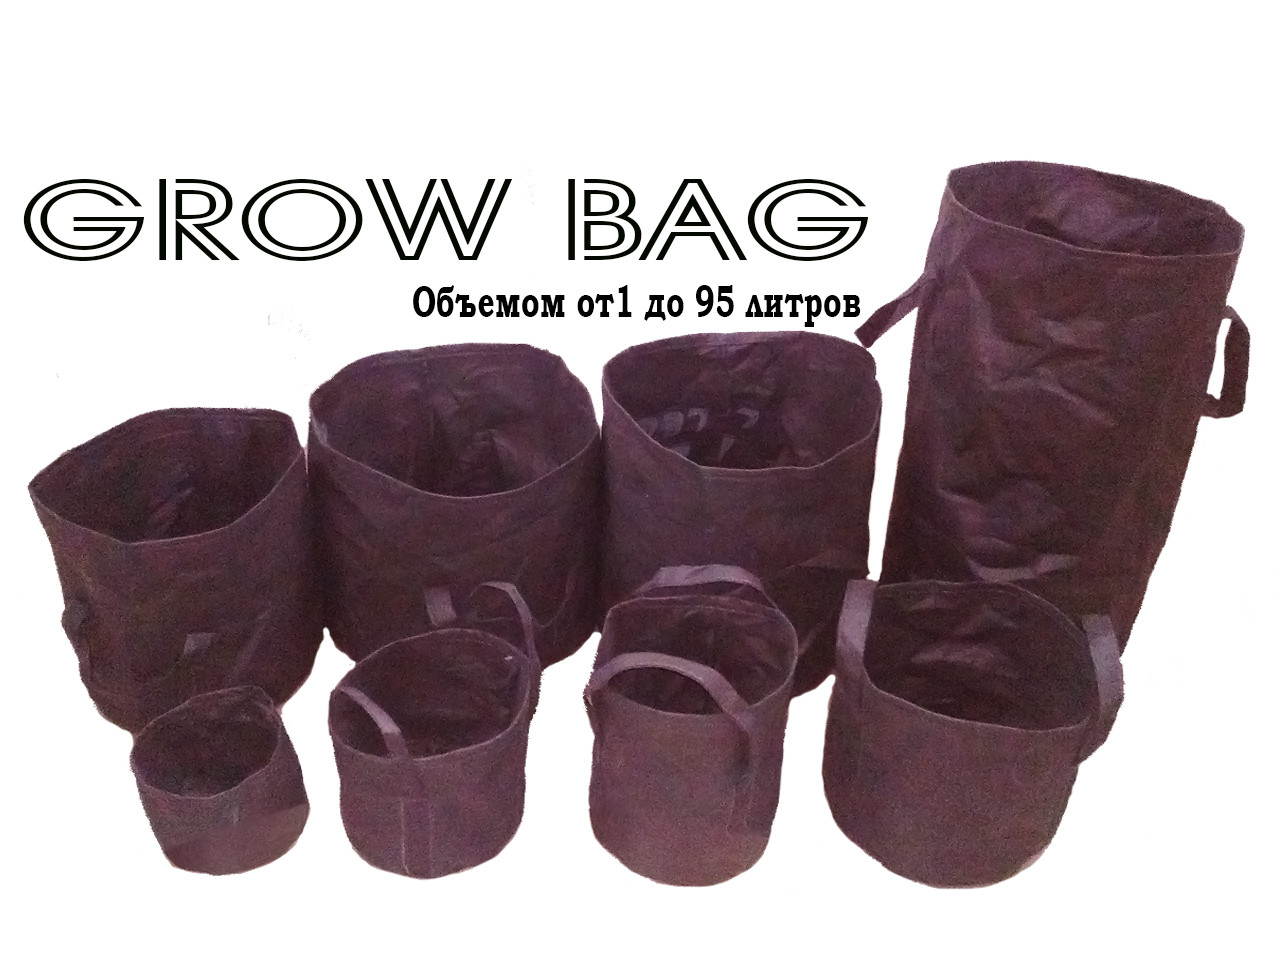 Тканевый горшок Grow Bag круглый 107л